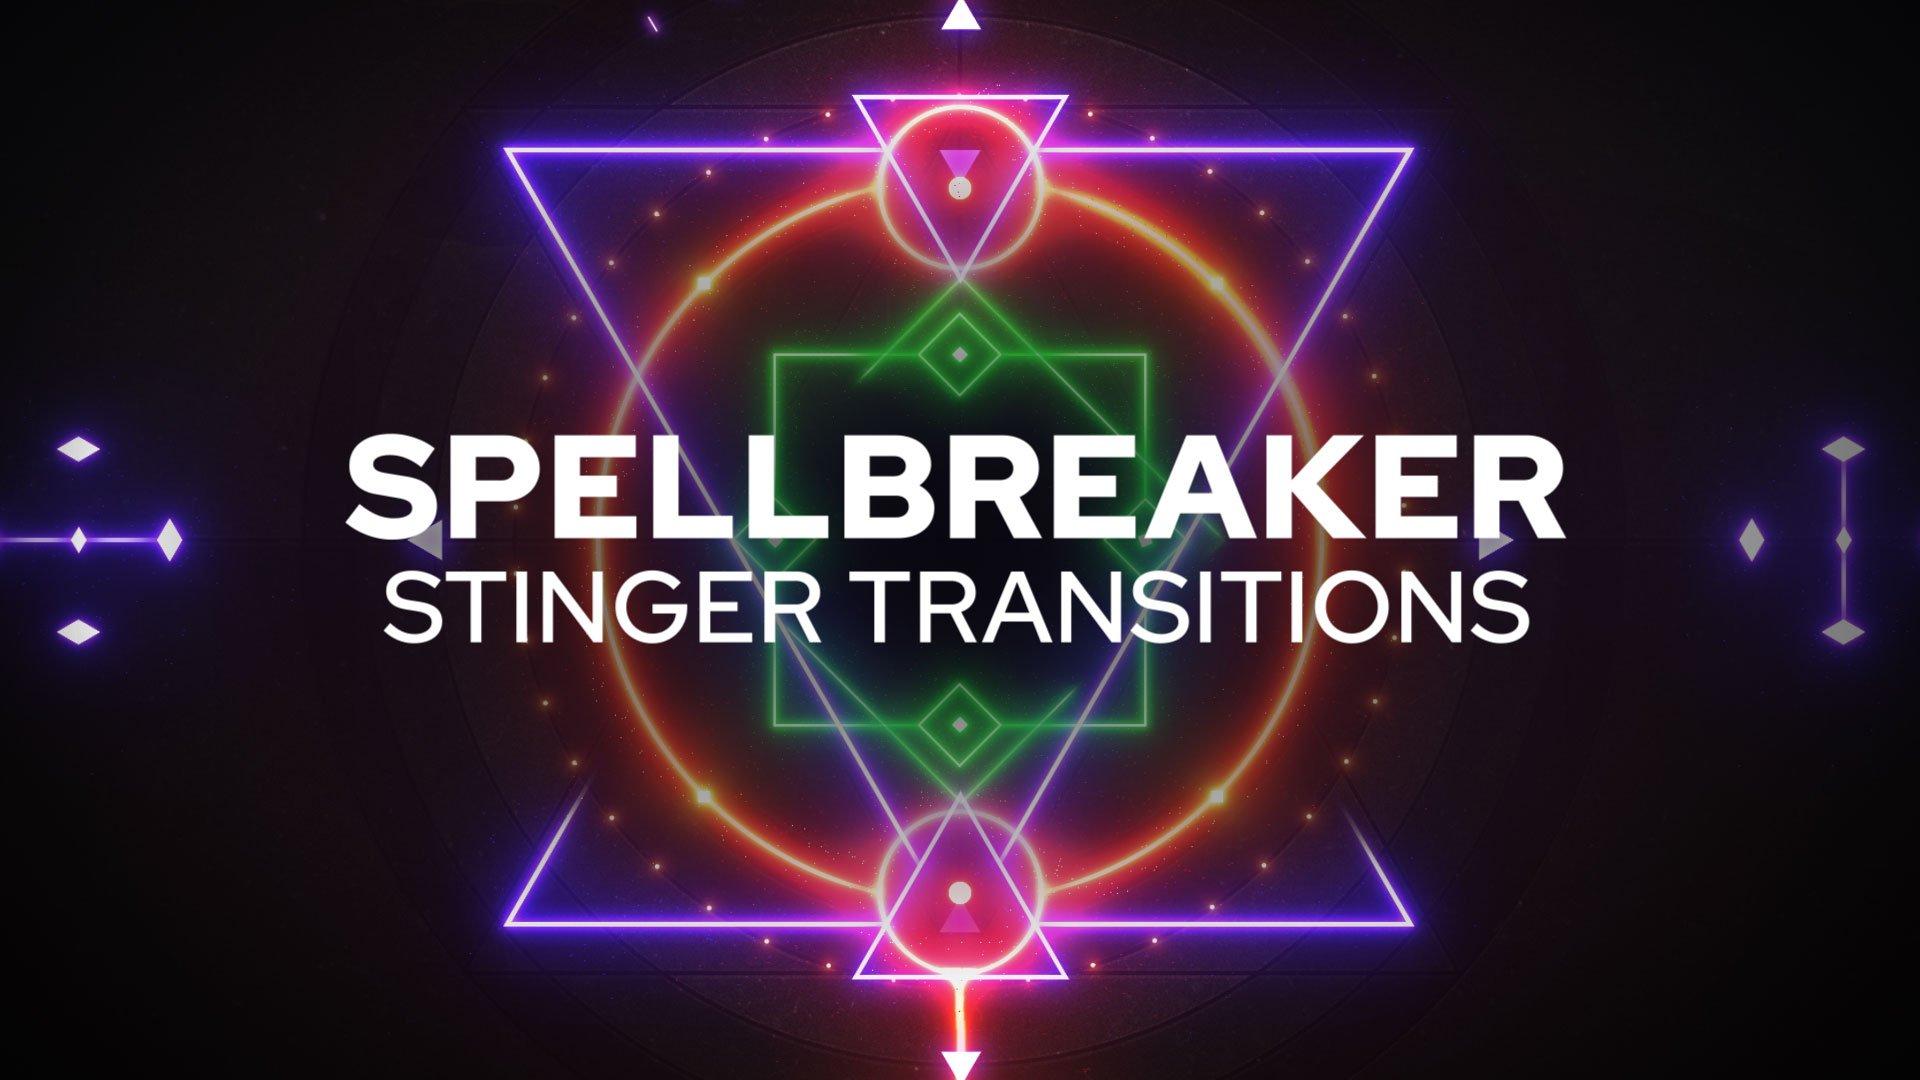 Spellbreaker Stinger Transition - Visuals by Impulse